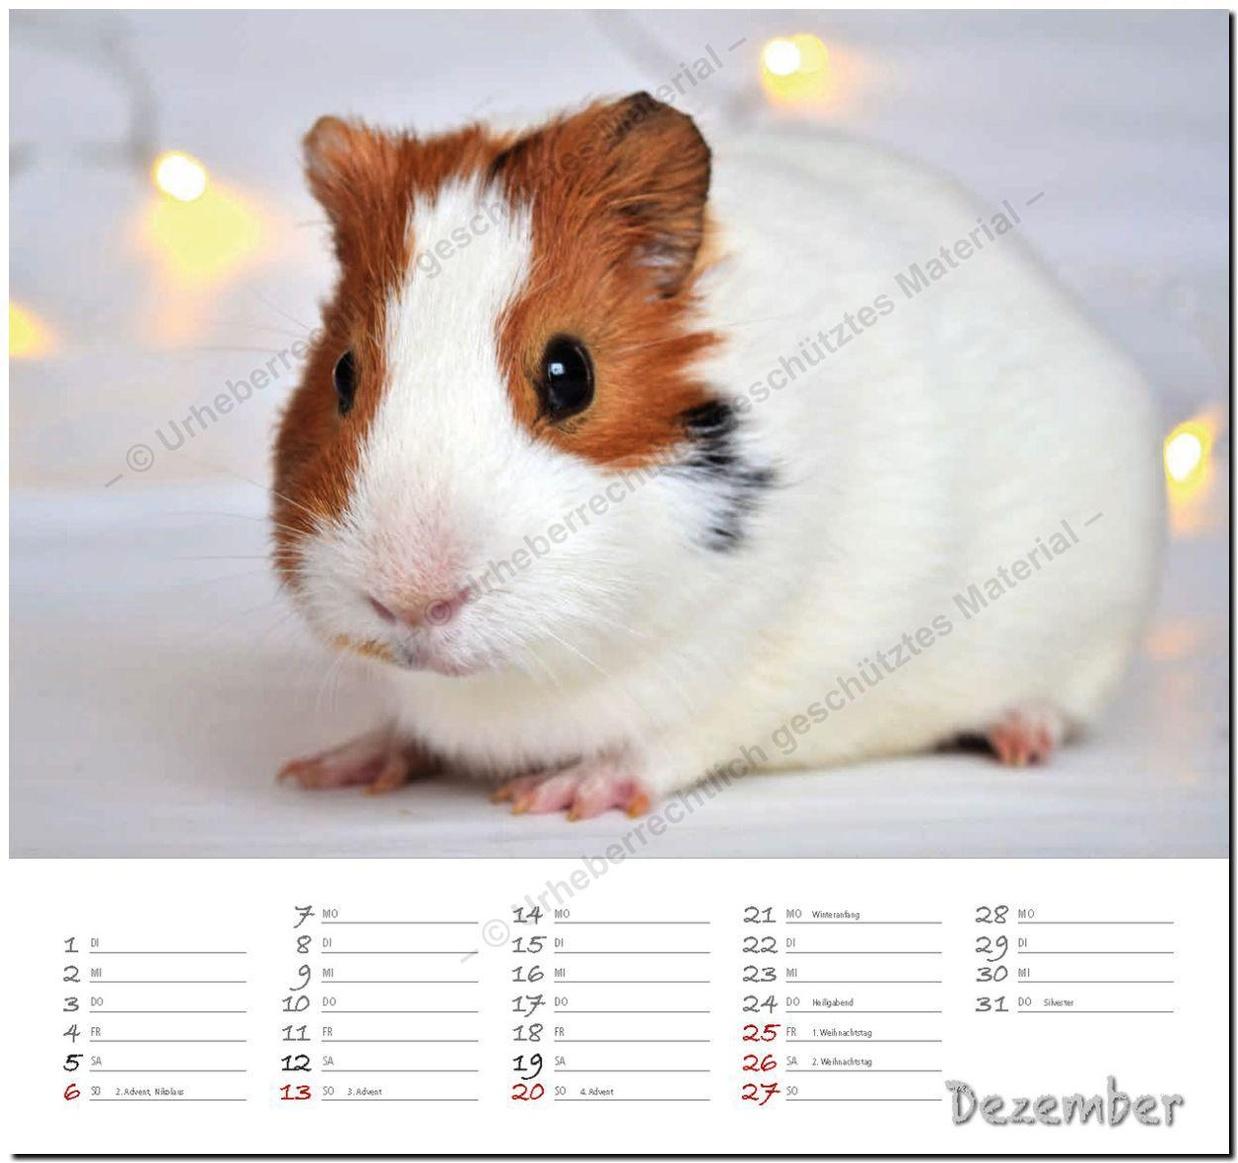 Meerschweinchen 2020 Kalender Gunstig Bei Weltbild Ch Bestellen